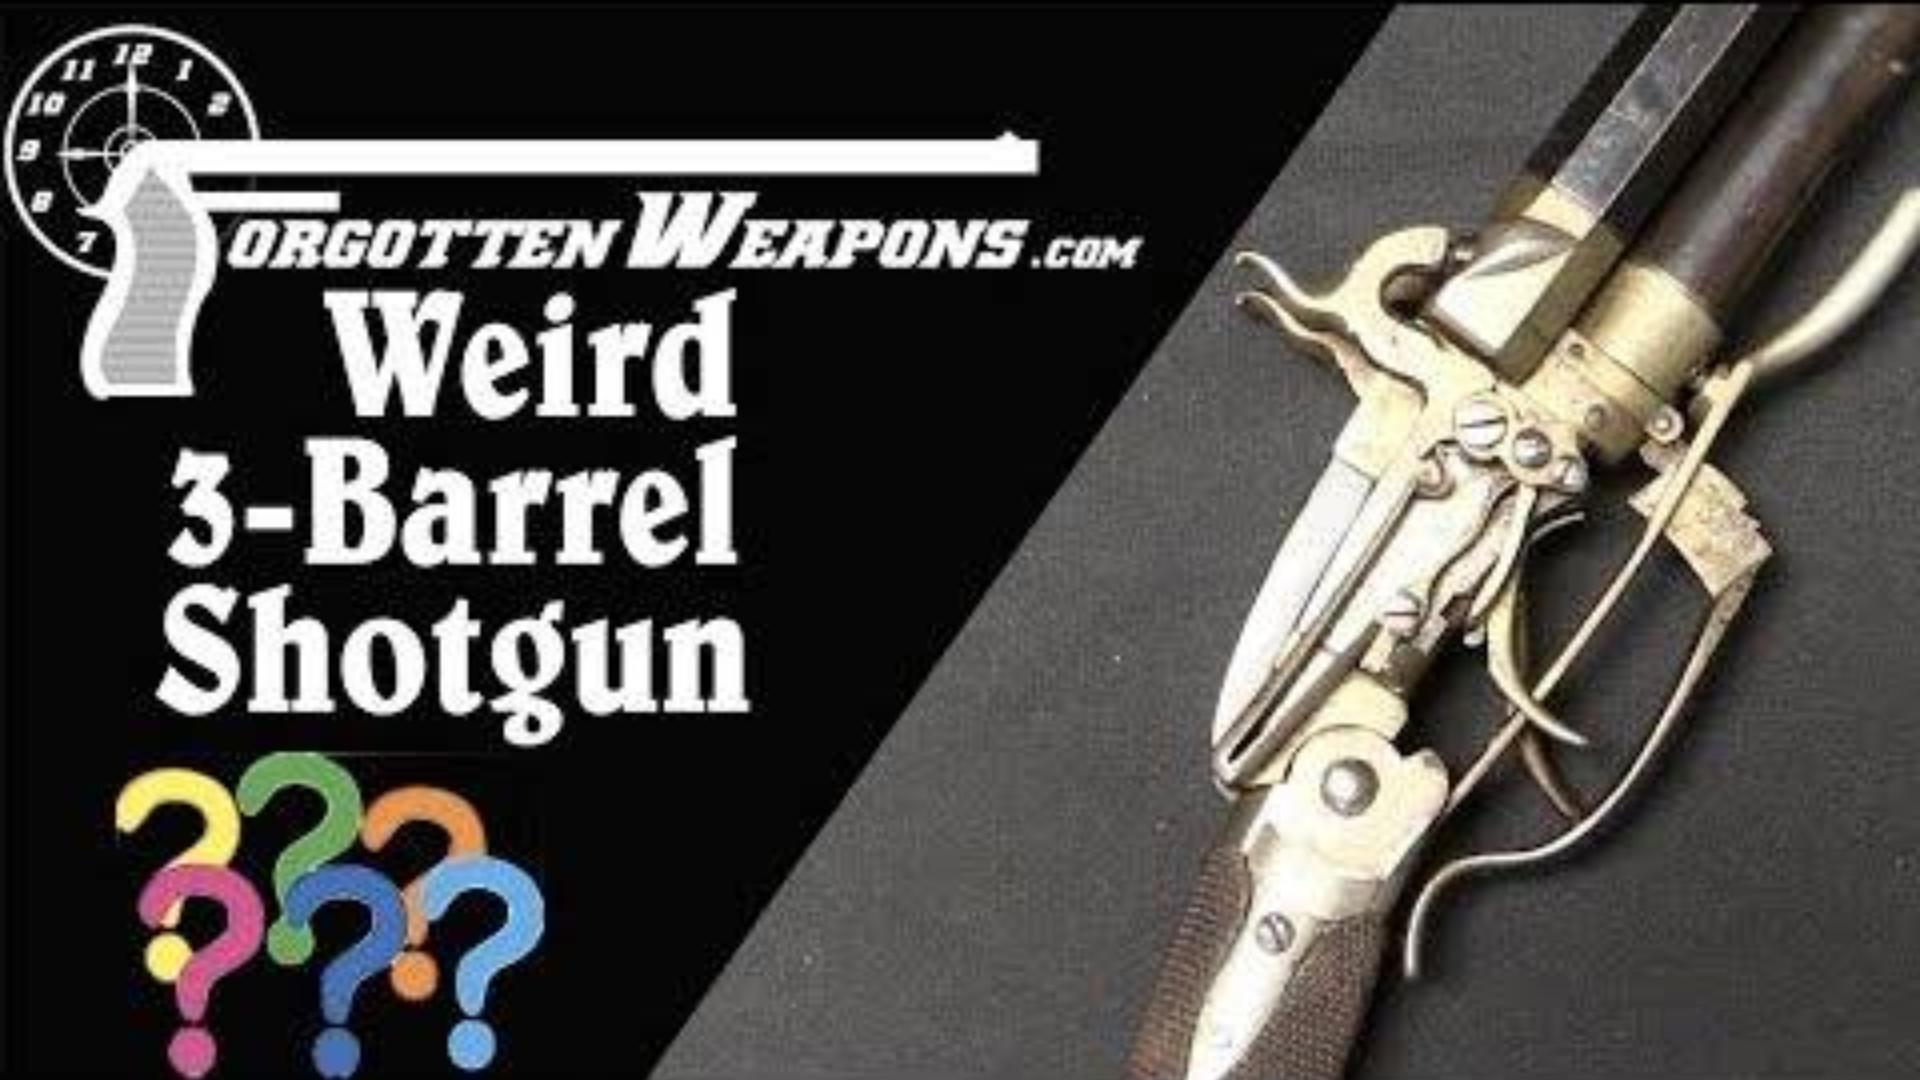 【被遗忘的武器/双语】超级古怪的三管击发式霰弹枪介绍